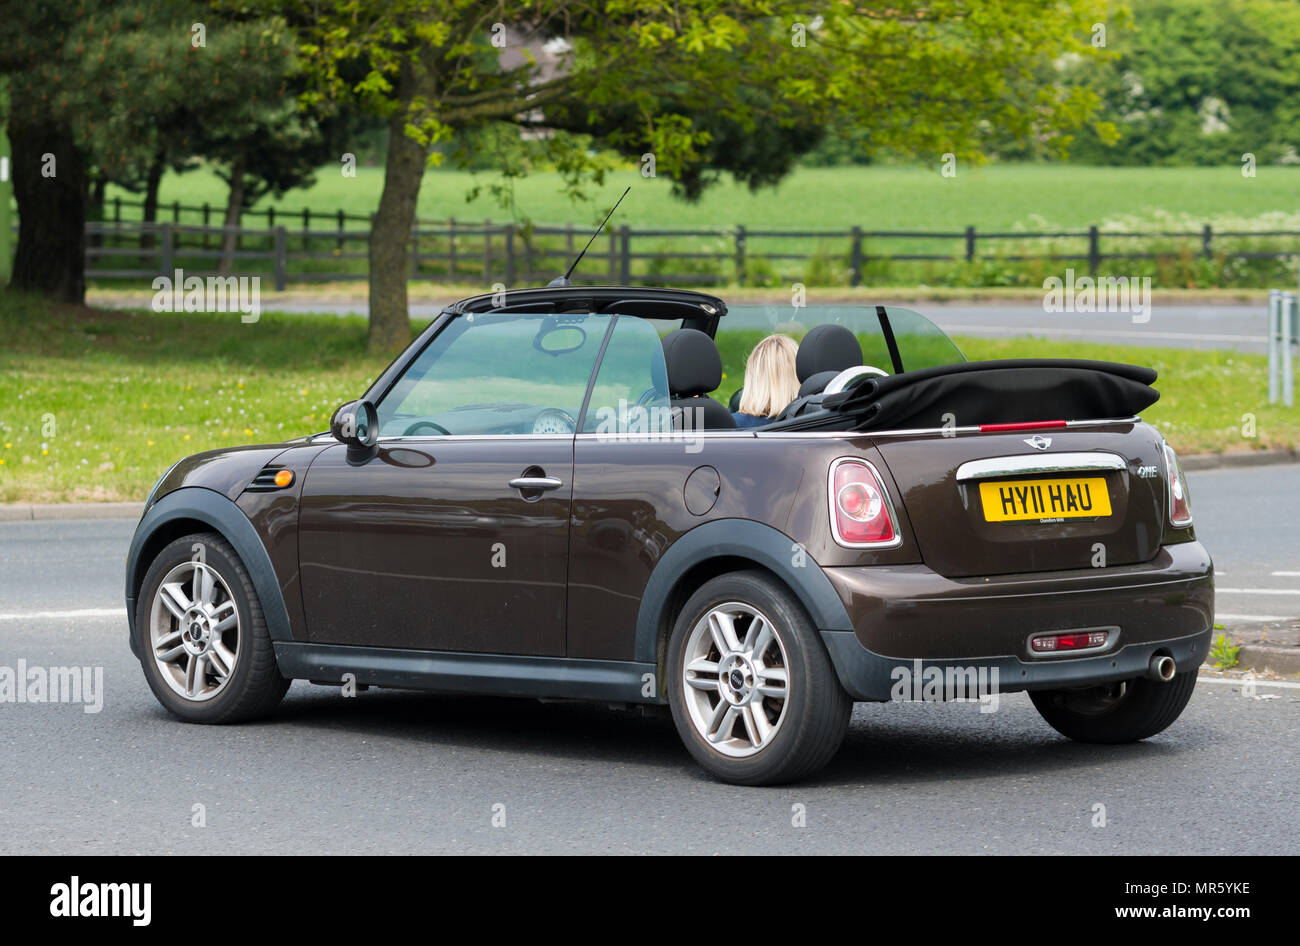 Open top mini coche convertible con la capota bajada accionado por una mujer en el verano en el Reino Unido. Imagen De Stock